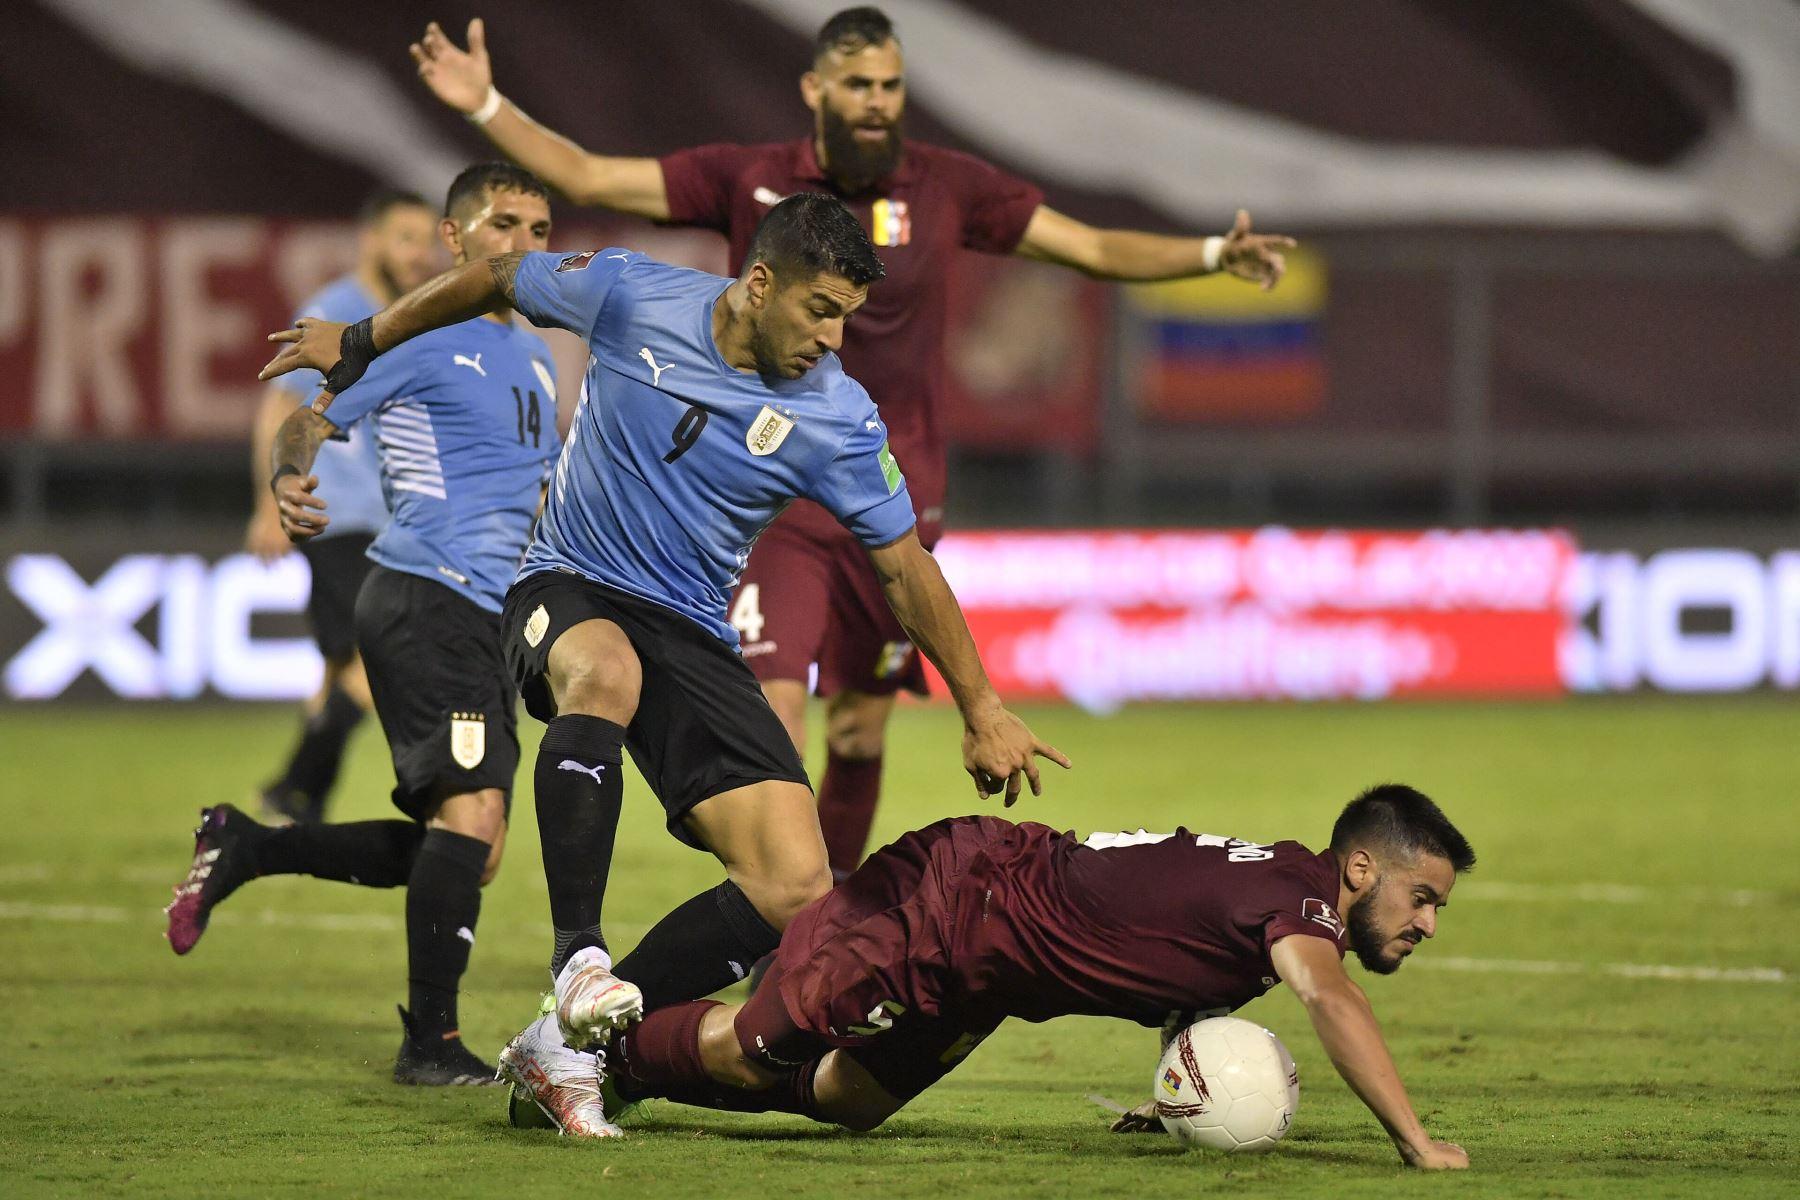 El uruguayo Luis Suárez y el venezolano Junior Moreno compiten por el balón durante su partido de fútbol de clasificación sudamericano para la Copa Mundial de la FIFA Qatar 2022 en el Estadio Olímpico de la UCV en Caracas. Foto: AFP